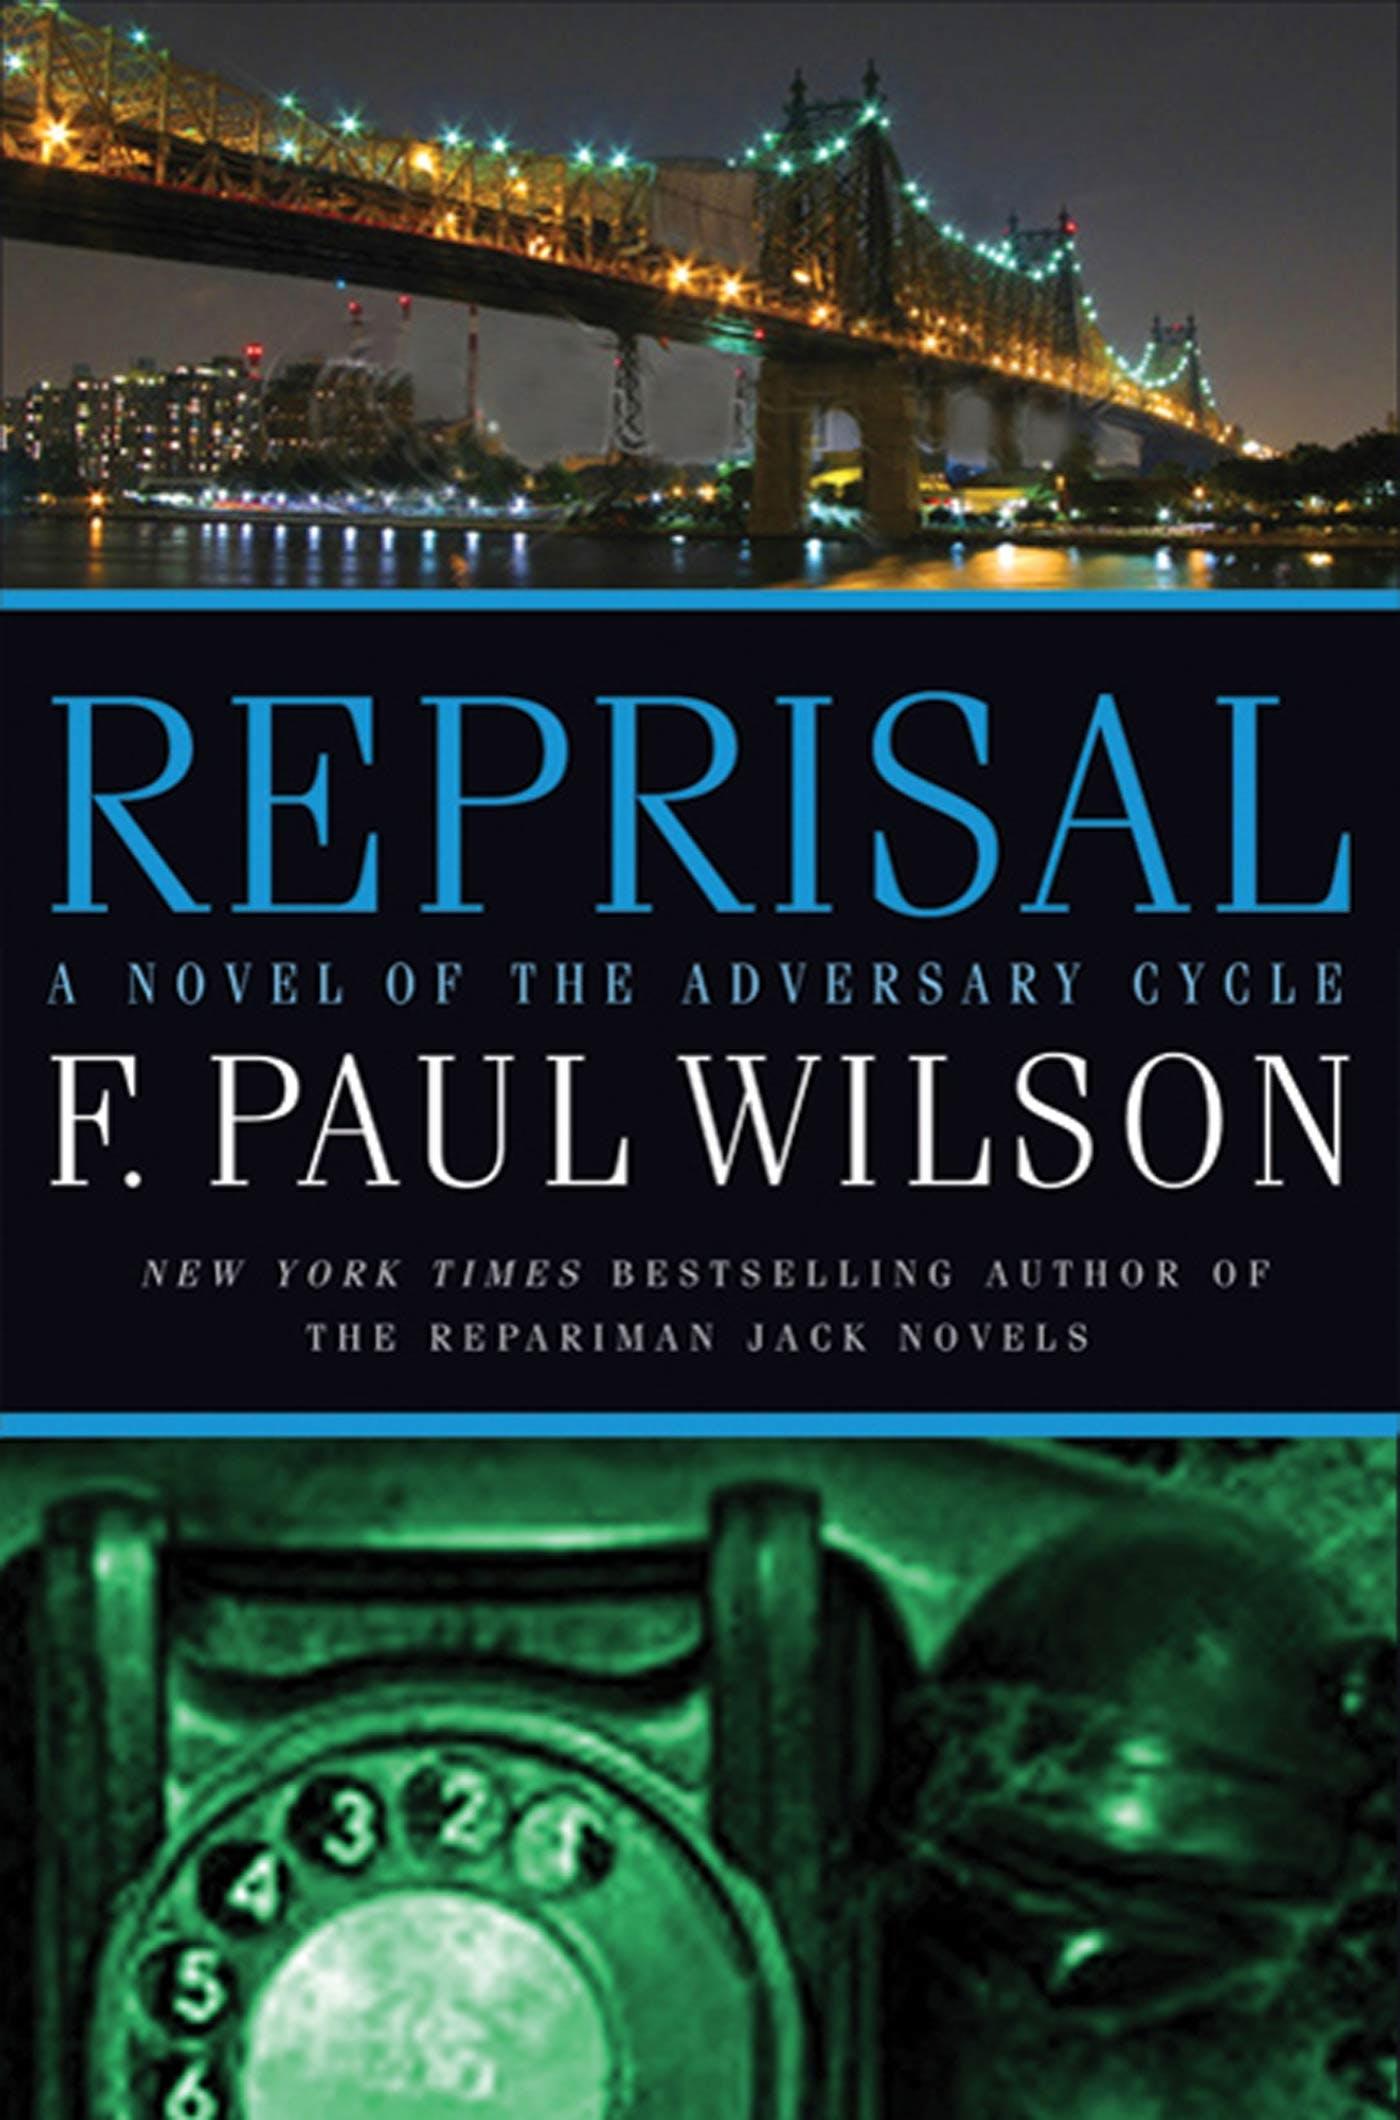 Image of Reprisal